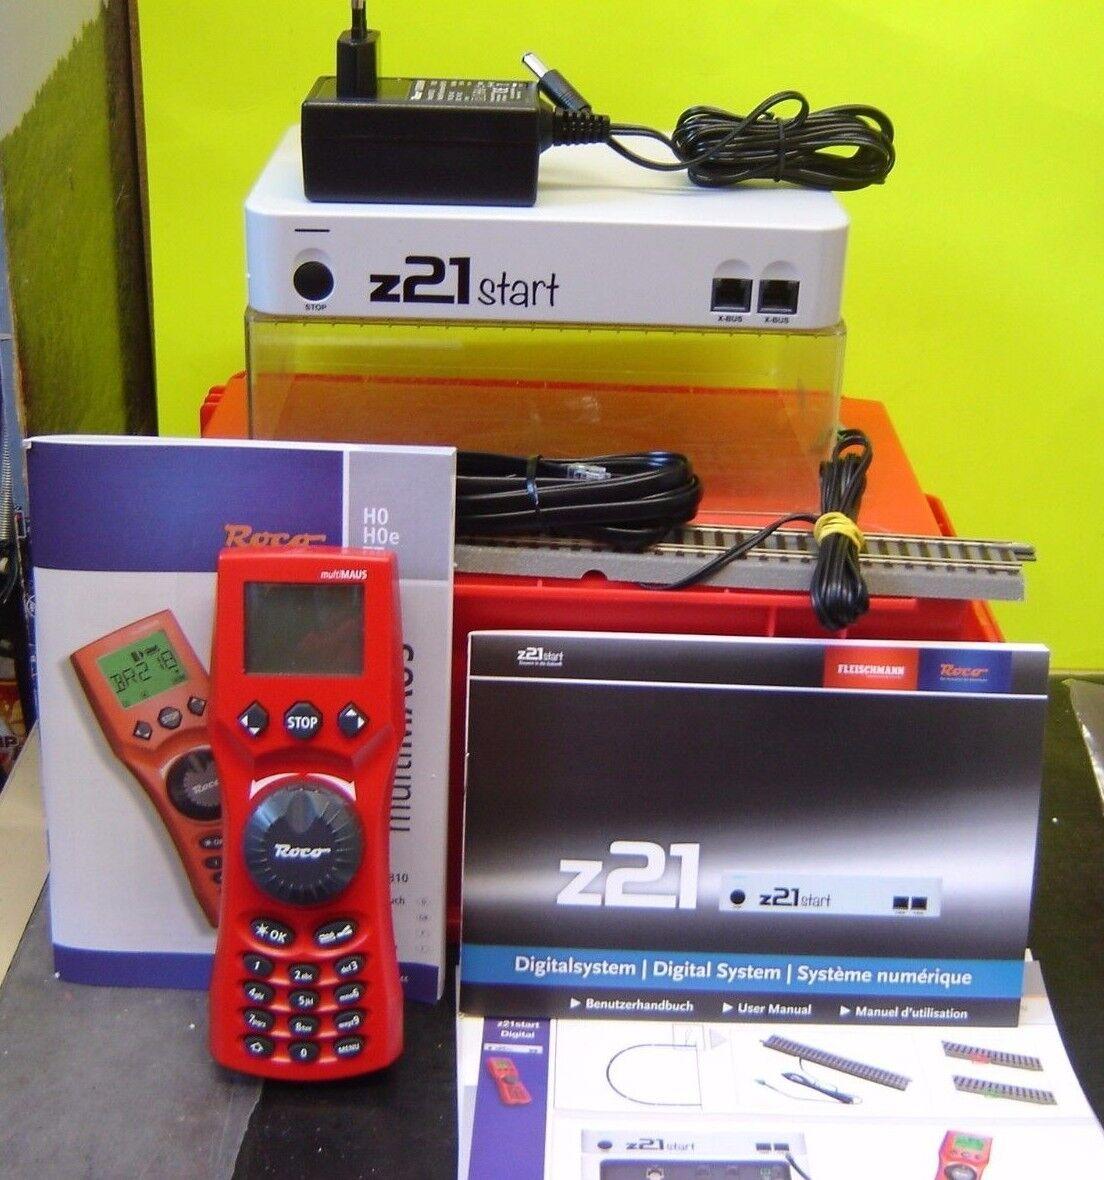 ROCO digitalsxstem  10825 z21 estrellat + ROCO Multi mouse O. autotoni  NUOVO  (e)  economico e di alta qualità